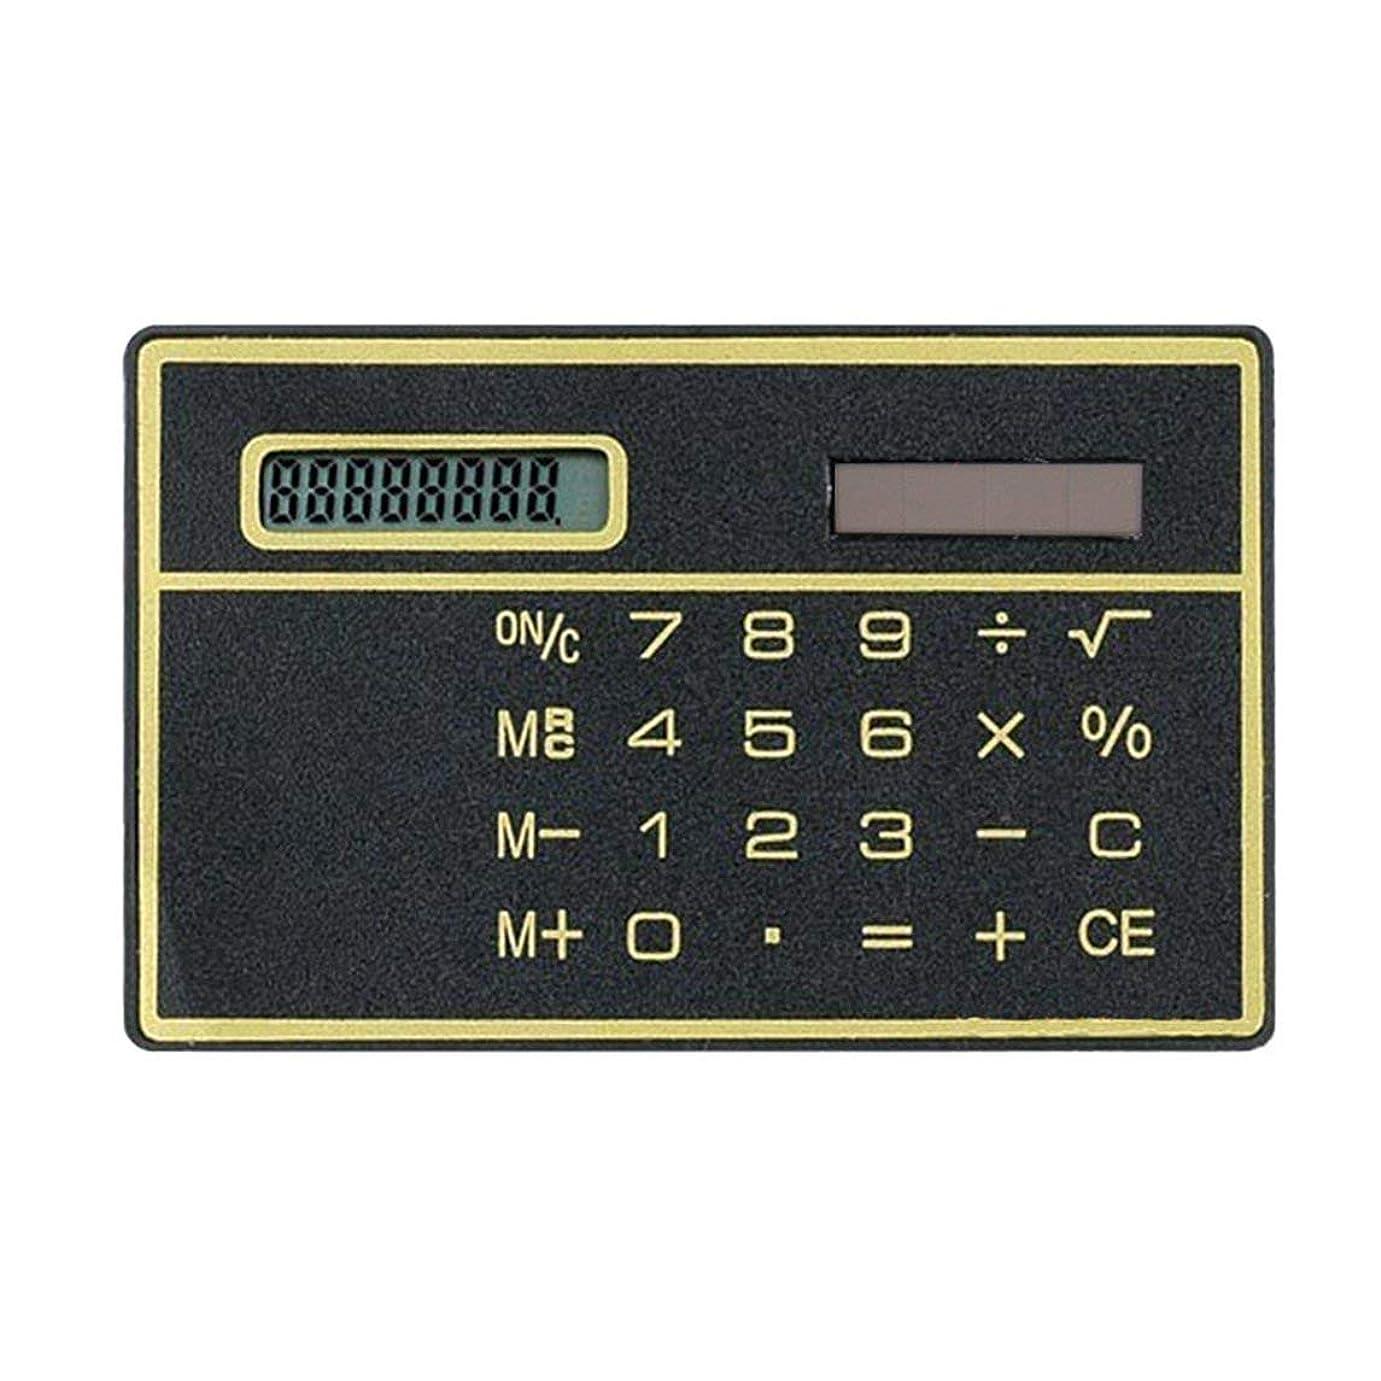 制裁できたアラブサラボ8桁超薄型ソーラーパワー電卓 ポータブルミニタッチ電卓